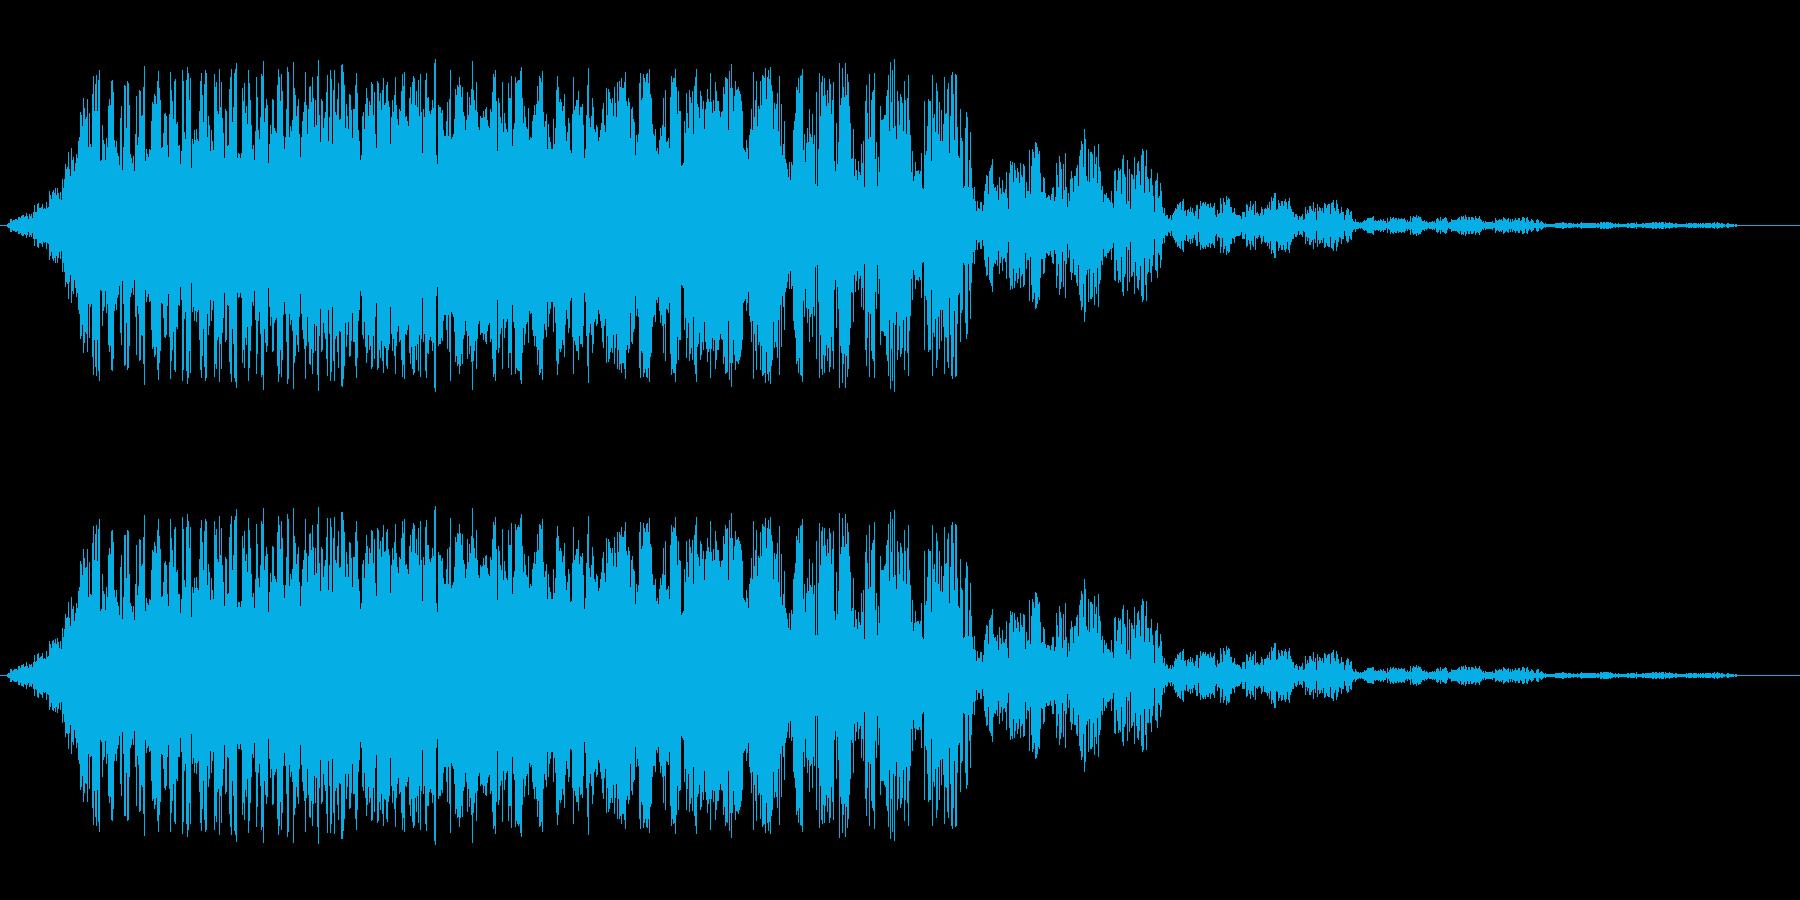 シューン(パワーダウン)の再生済みの波形